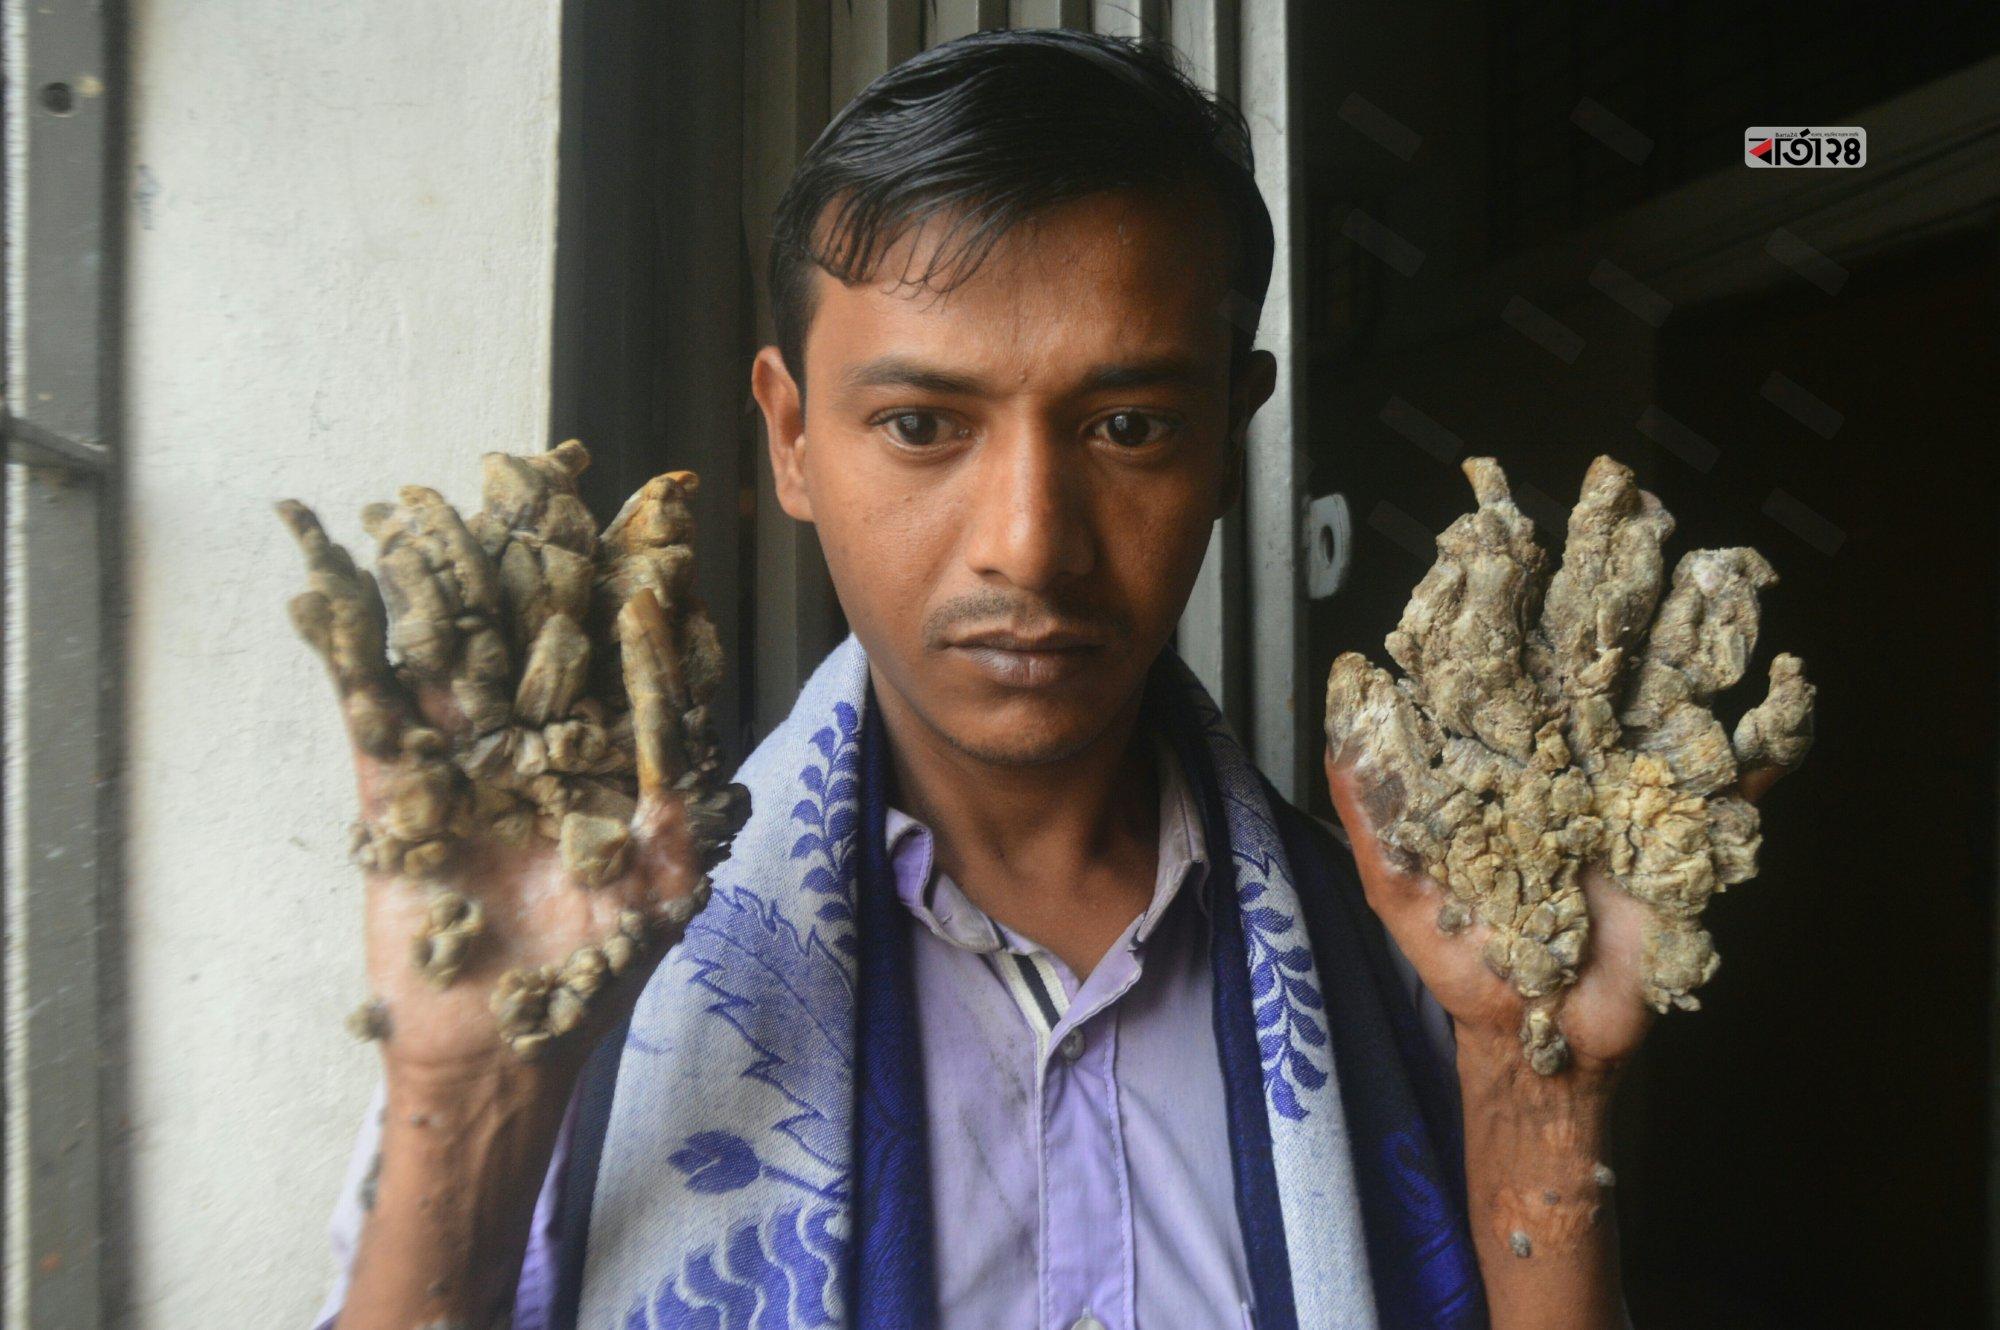 বৃক্ষ-মানব হিসেবে পরিচিত মোহাম্মদ আবুল বাজানদার। ঢাকা মেডিকেল কলেজ থেকে ছবিটি তুলেছেন সুমন শেখ।